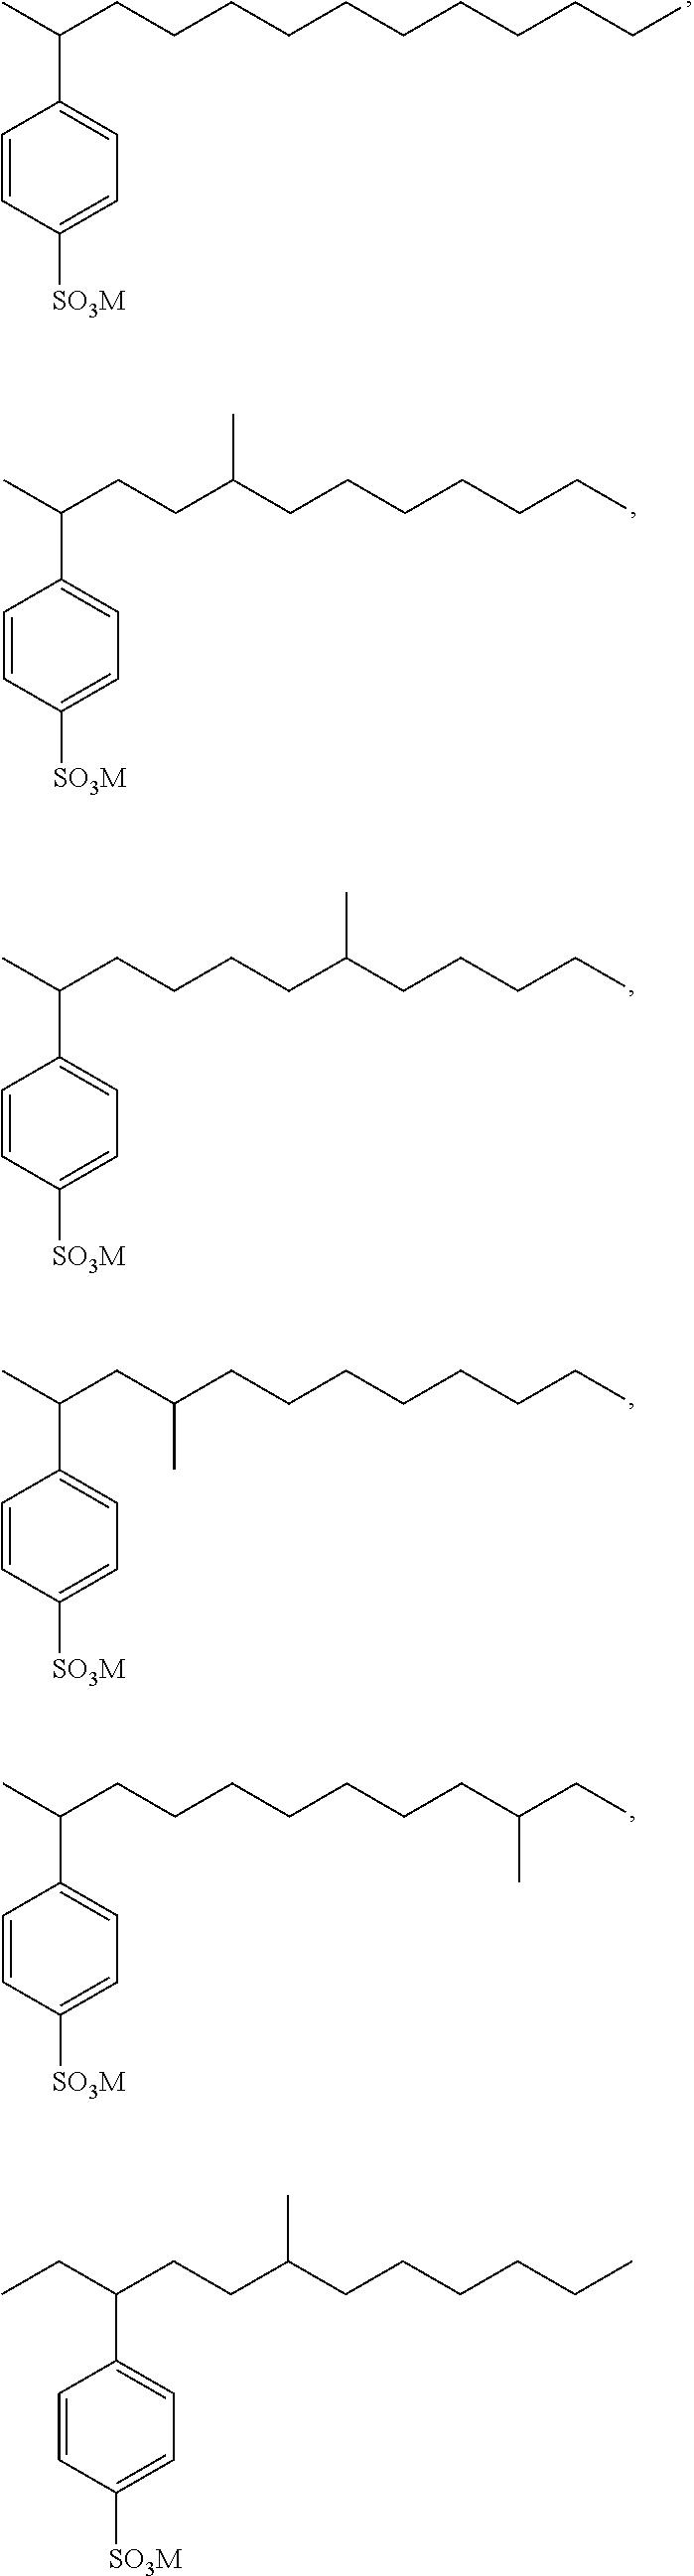 Figure US09193937-20151124-C00012